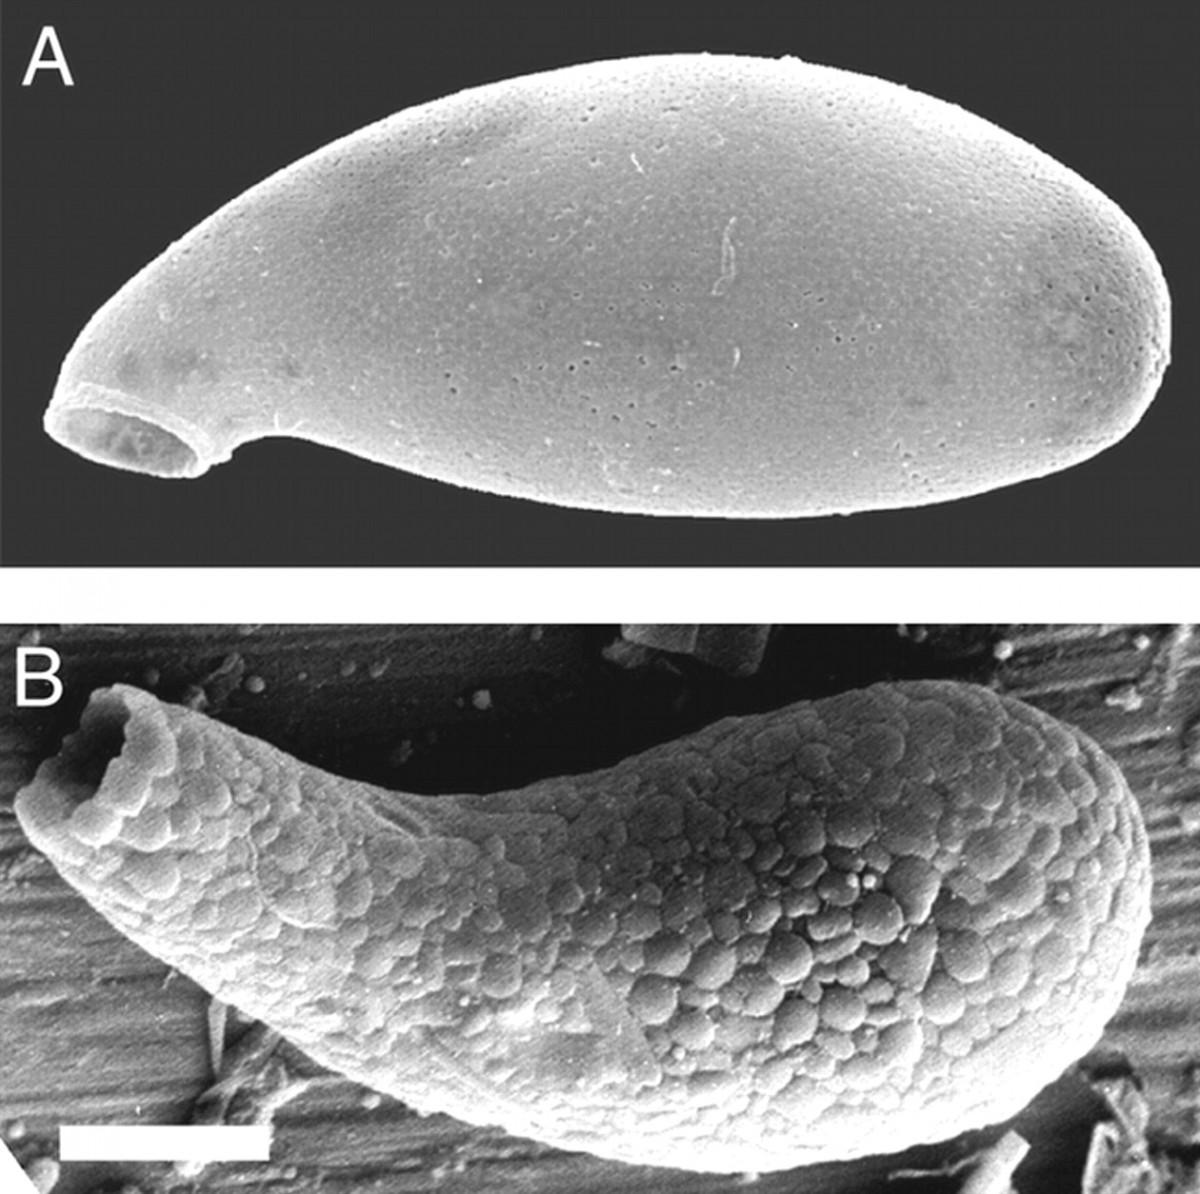 Mikroskobik düzeyde de olsa 1200 milyon yıl öncesinden itibaren canlılar giderek karmaşıklaşmaya başlamıştı. Fotoğrafta, 750 milyon yıl önce yaşamış bir testat amip gözüküyor. Bu amipler, gruplarının en karmaşık yapılı canlılarından birisidir.